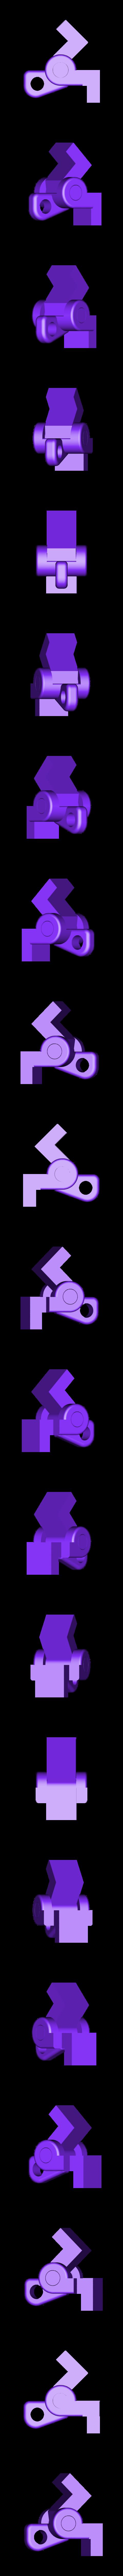 miniCollectionBox_coreJoint.stl Download free STL file Pokemon Tretta - Mini collection box • 3D printer object, cycstudio